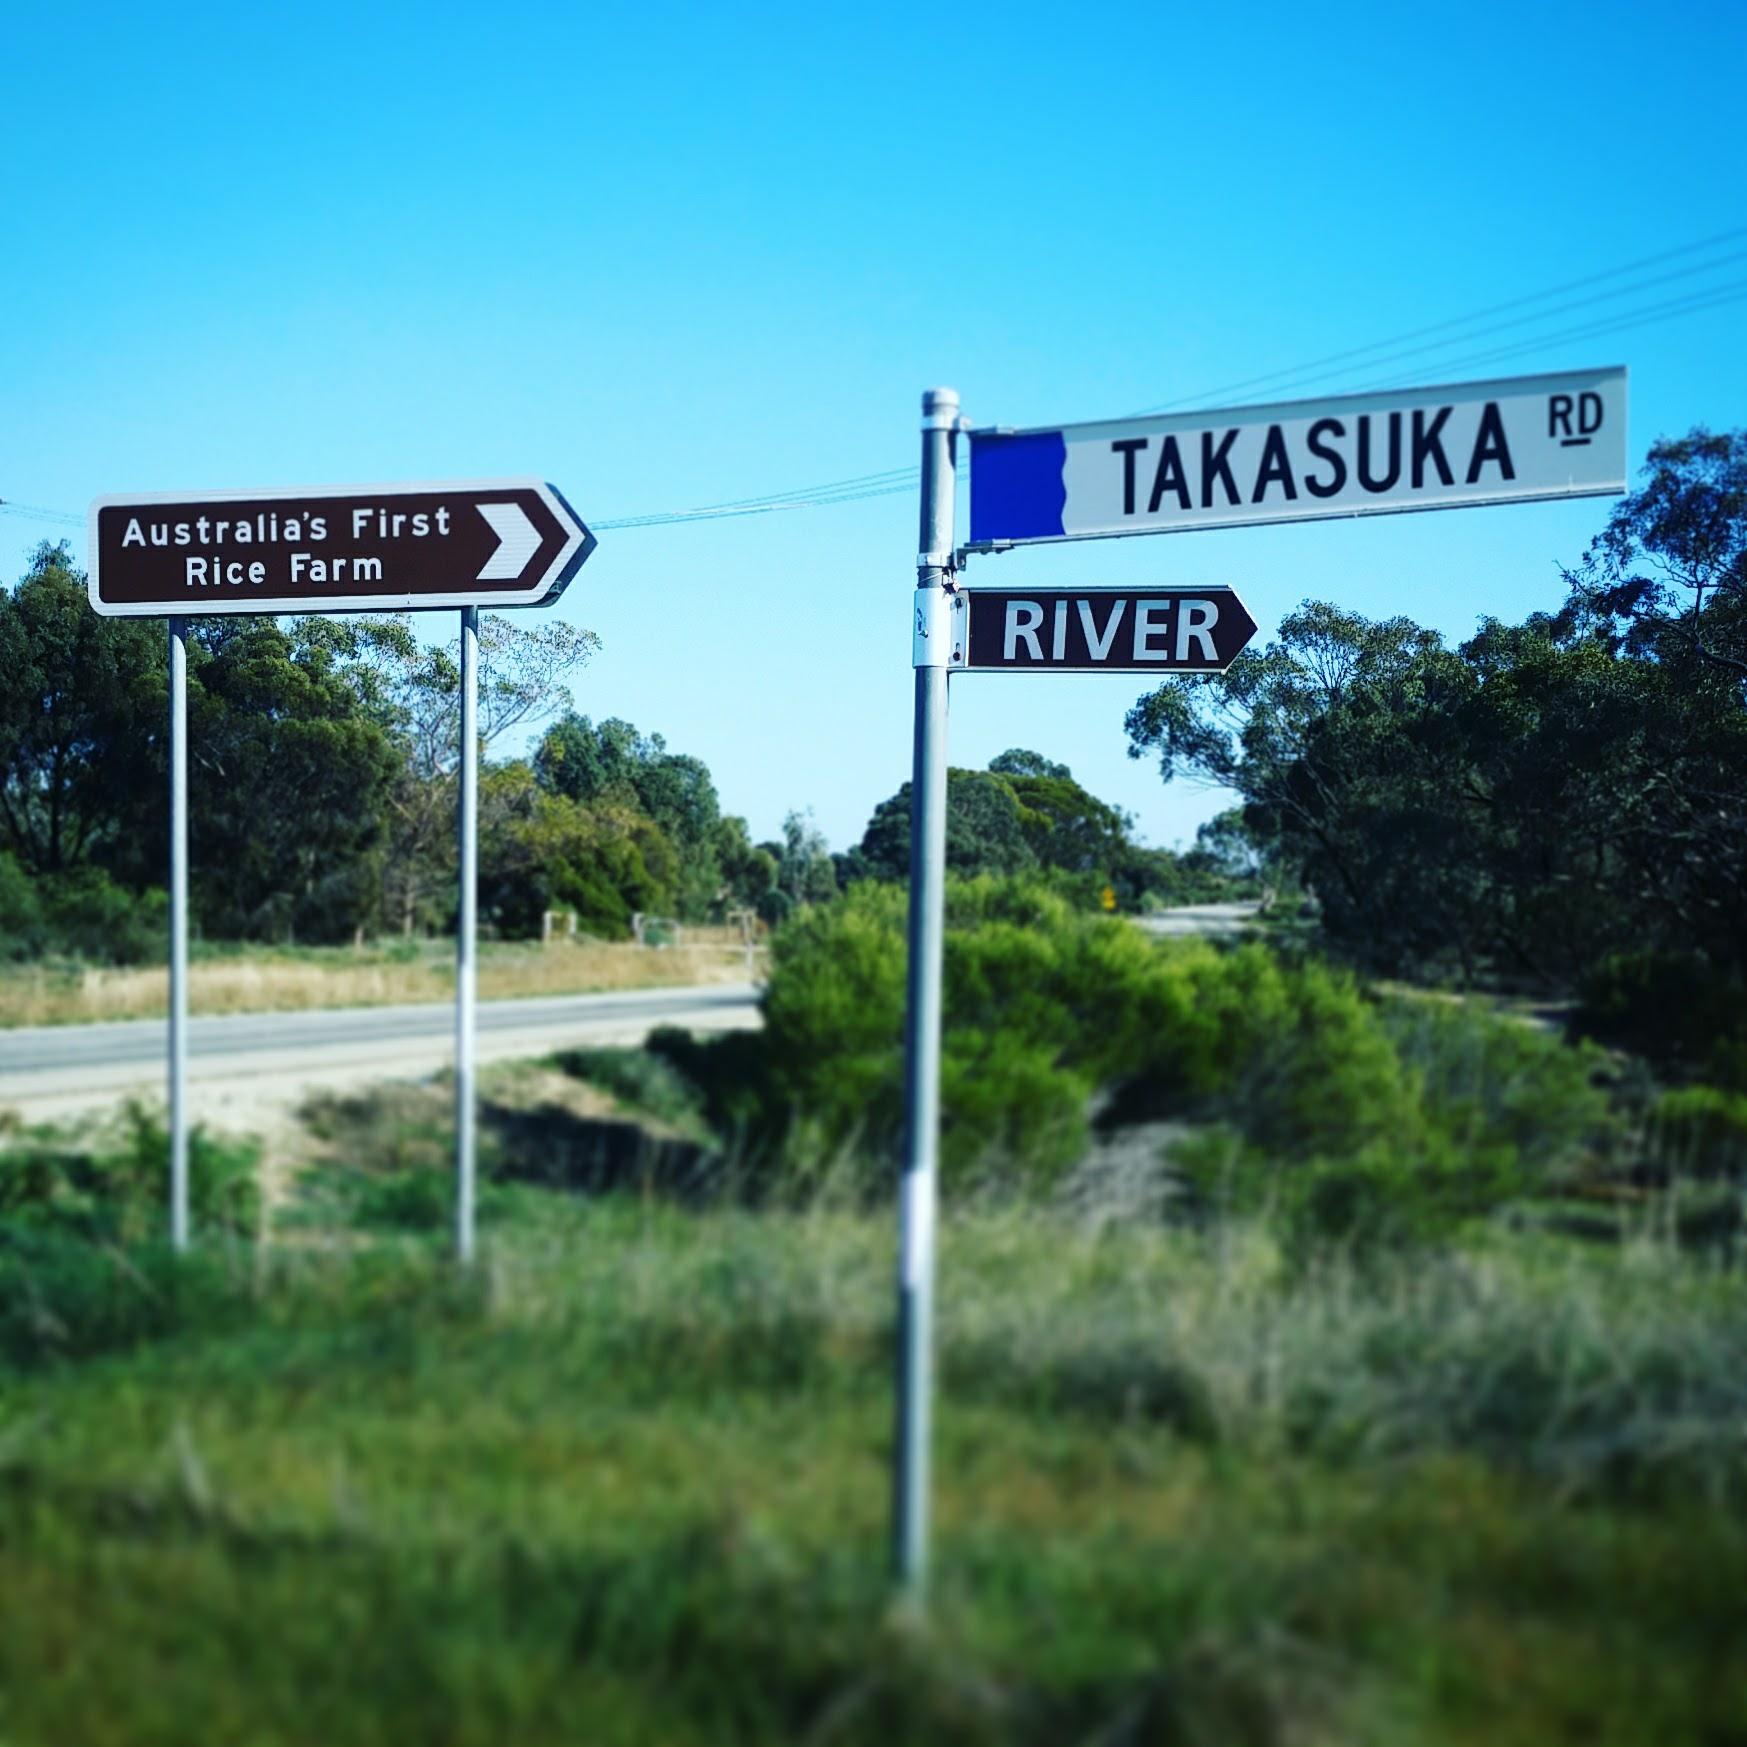 19世期のオーストラリアで米作りを始めた日本人がいた